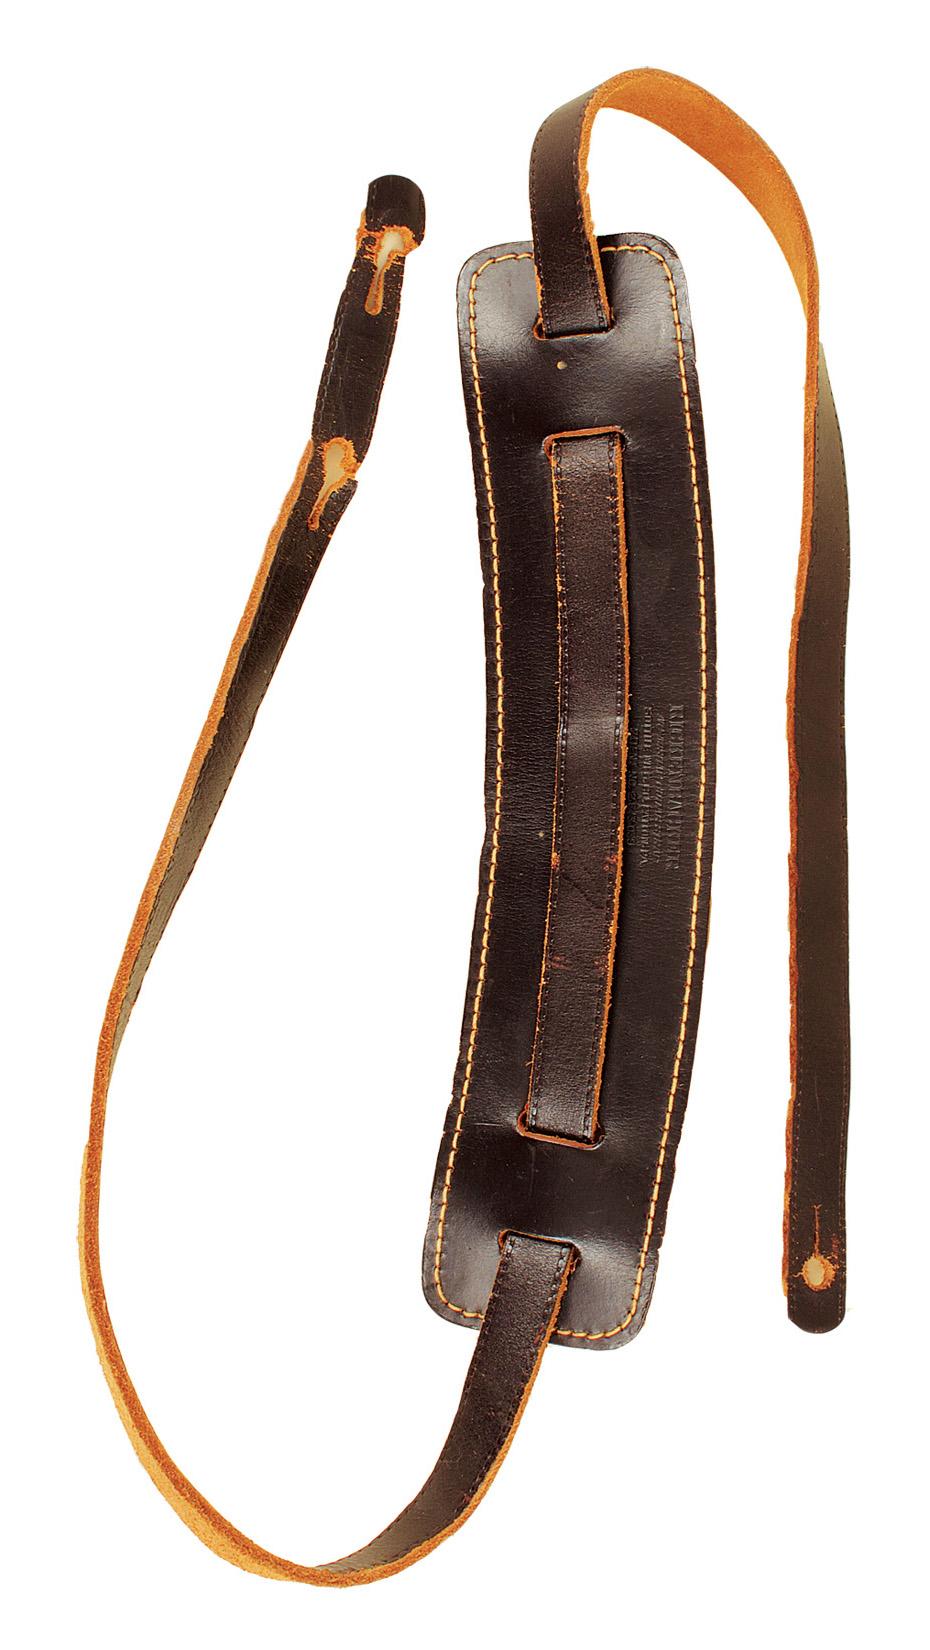 lot detail john lennon guitar strap used backstage at last beatles concert candlestick park. Black Bedroom Furniture Sets. Home Design Ideas